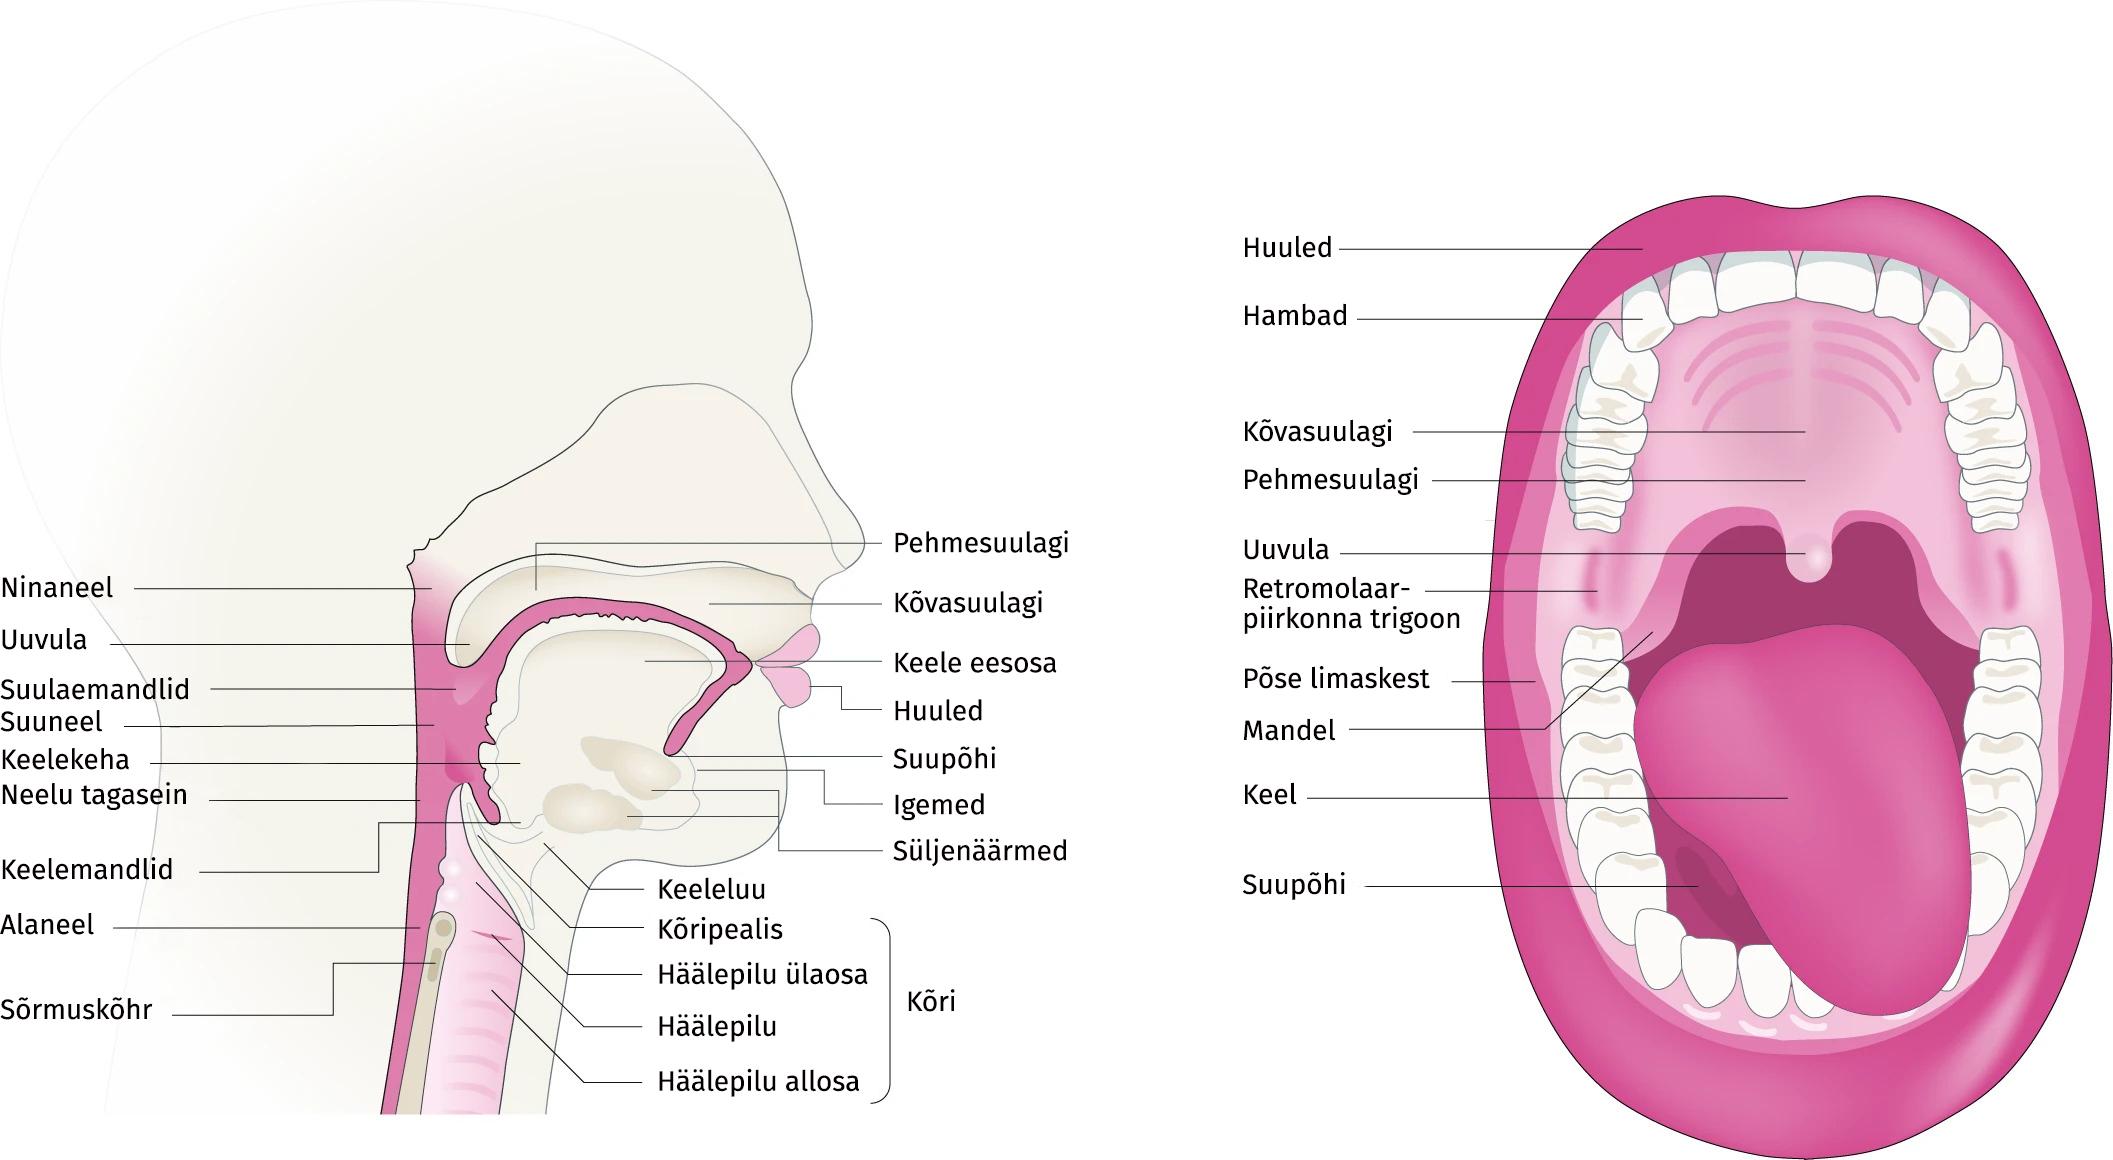 Pea-ja kaela anatoomia, regioonid